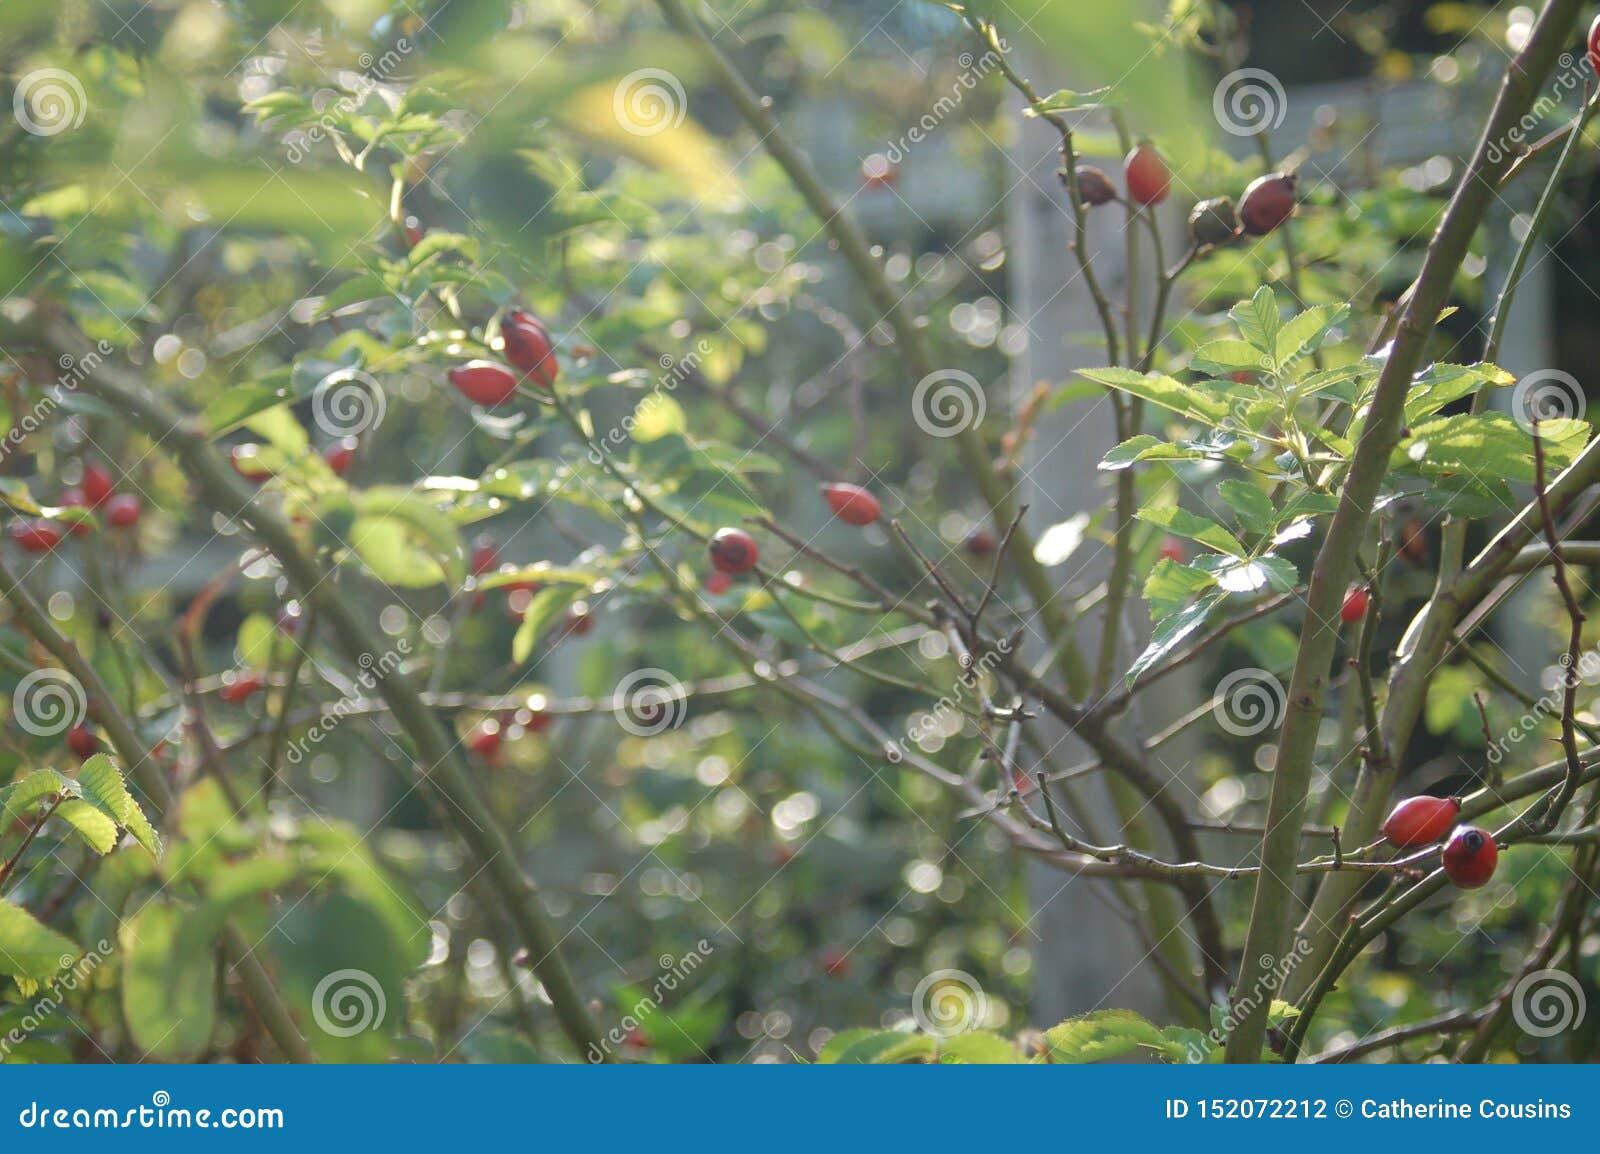 Rote Blumenknospen auf einem Gebiet von Stämmen